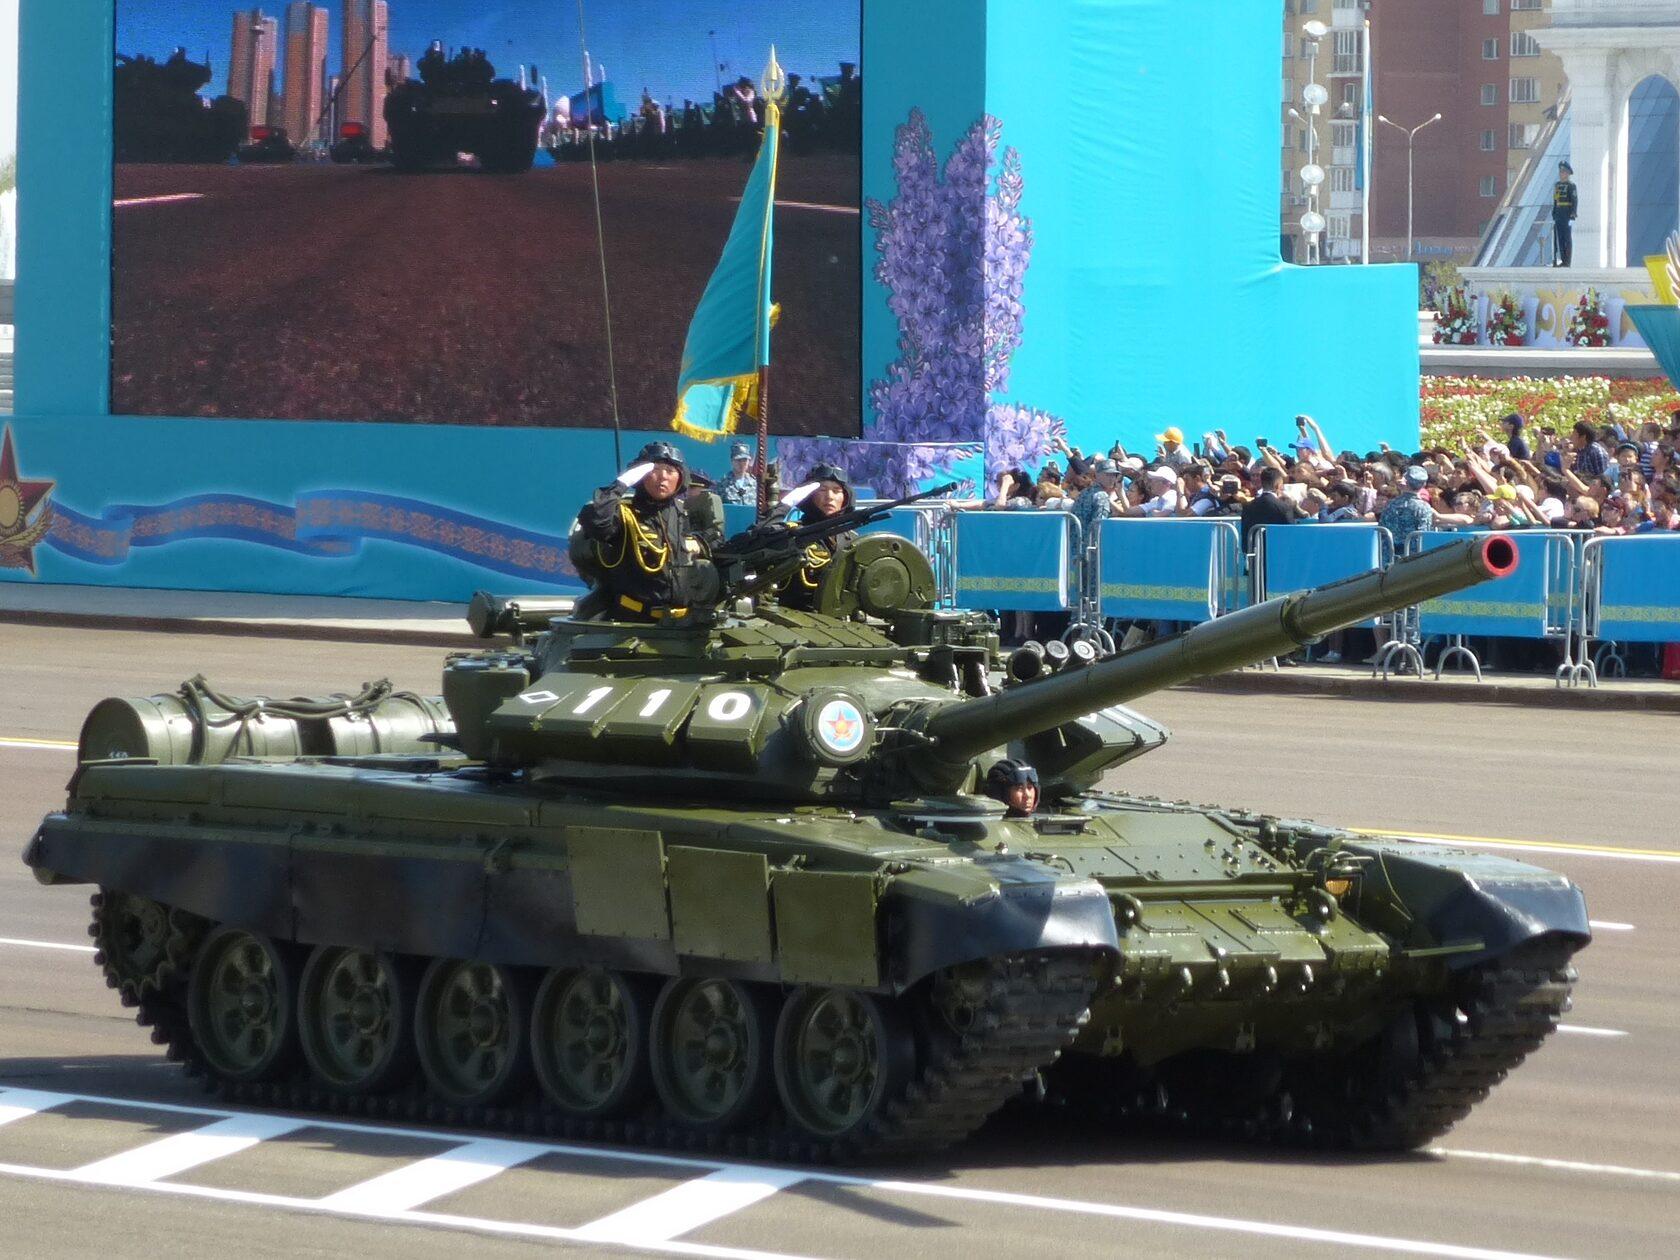 V-46 T-72 battle tank engine